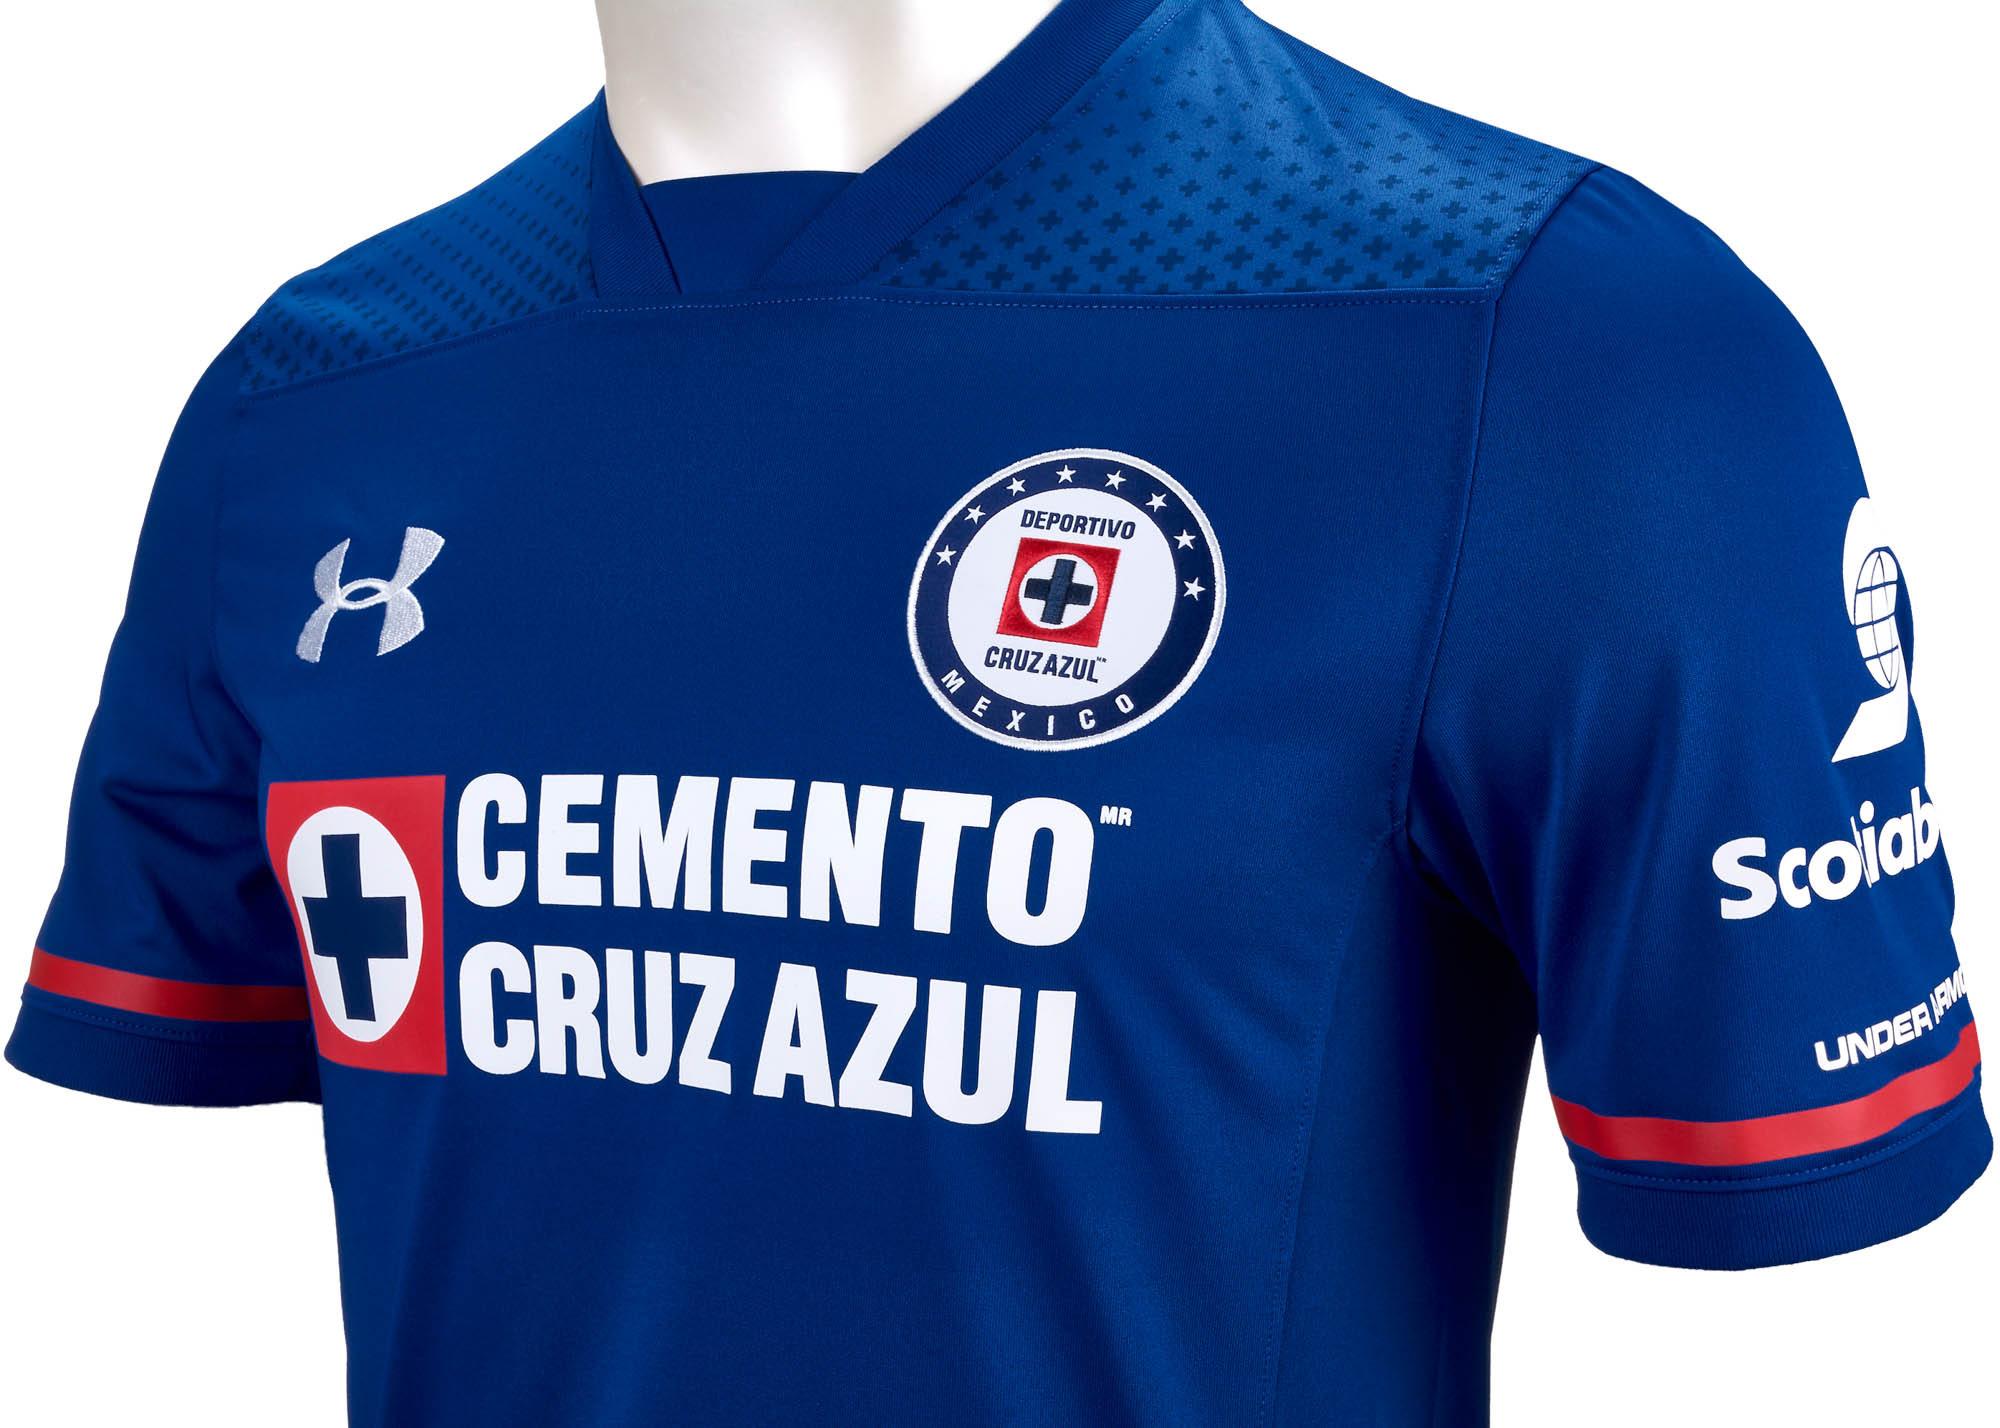 6849a6f3dd4 Under Armour Cruz Azul Home Jersey 2017-18 - SoccerPro.com